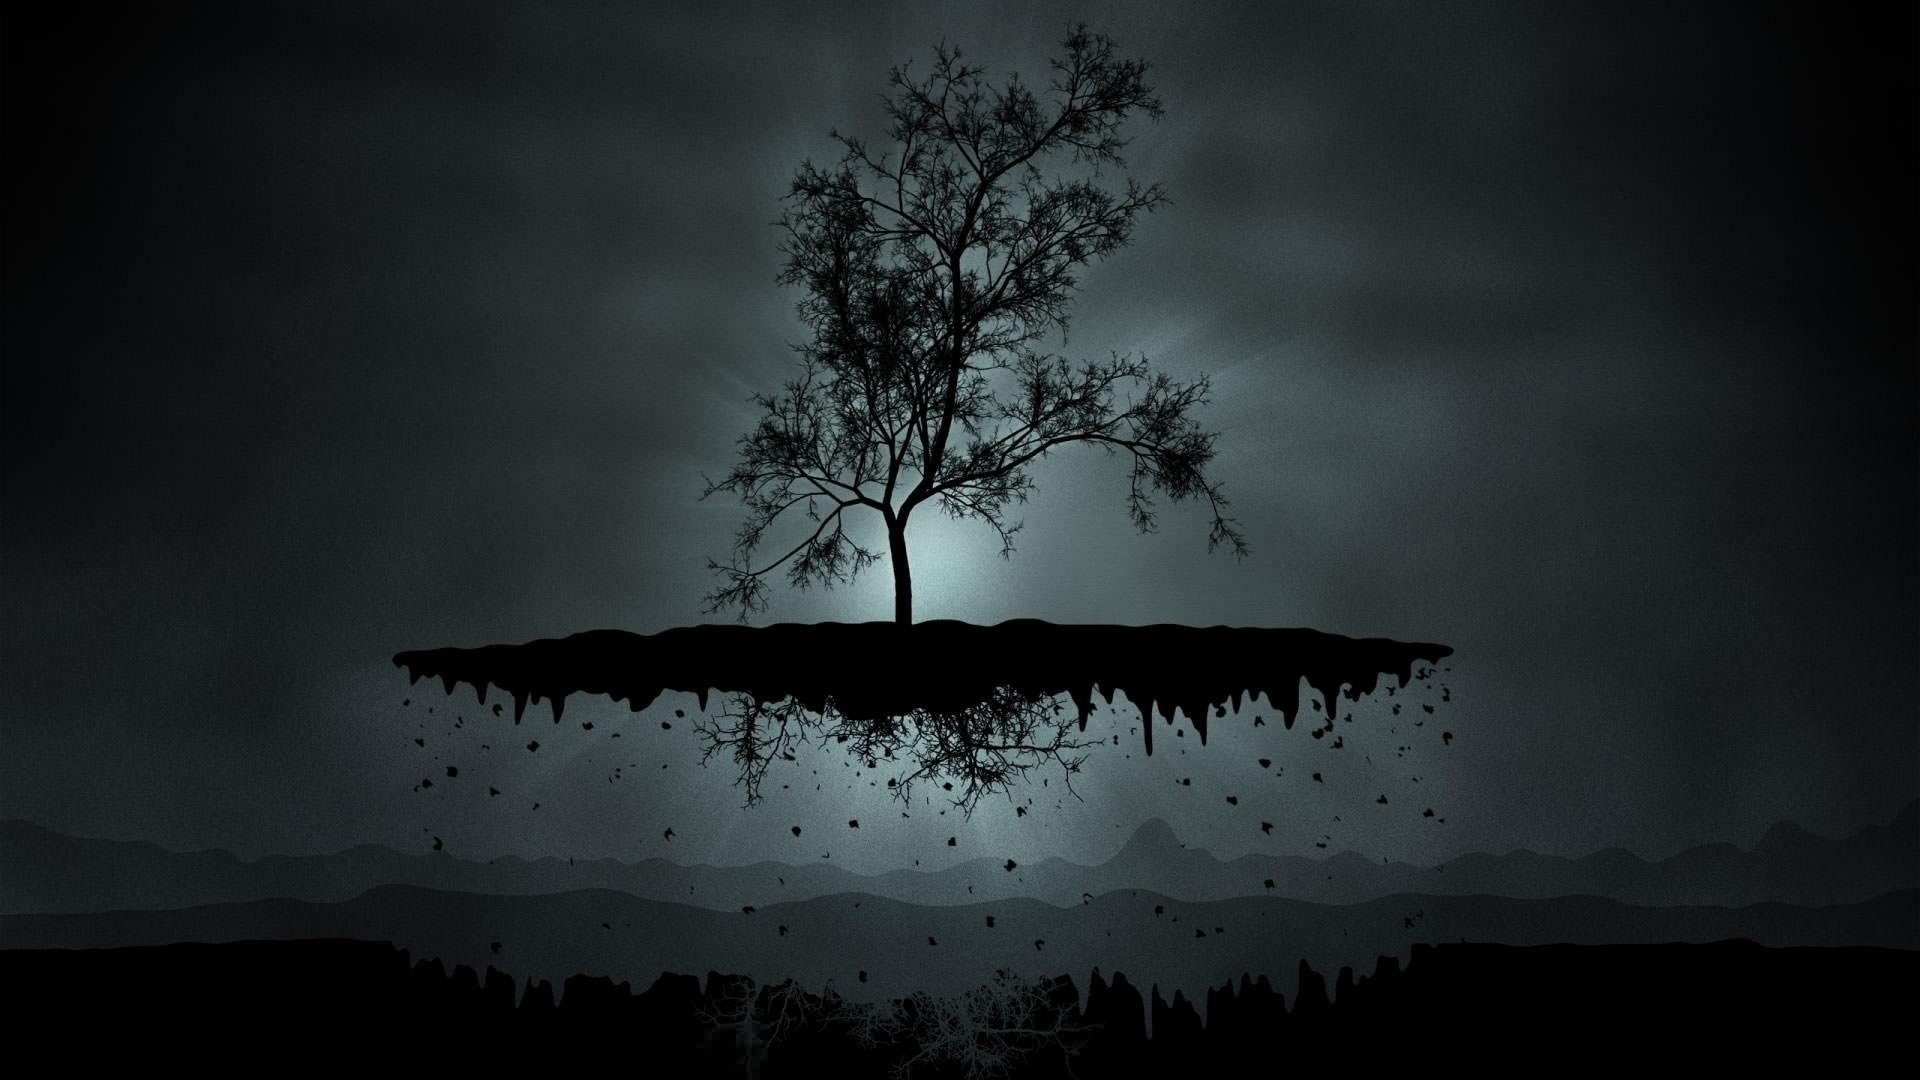 Dark Minimalist Wallpaper